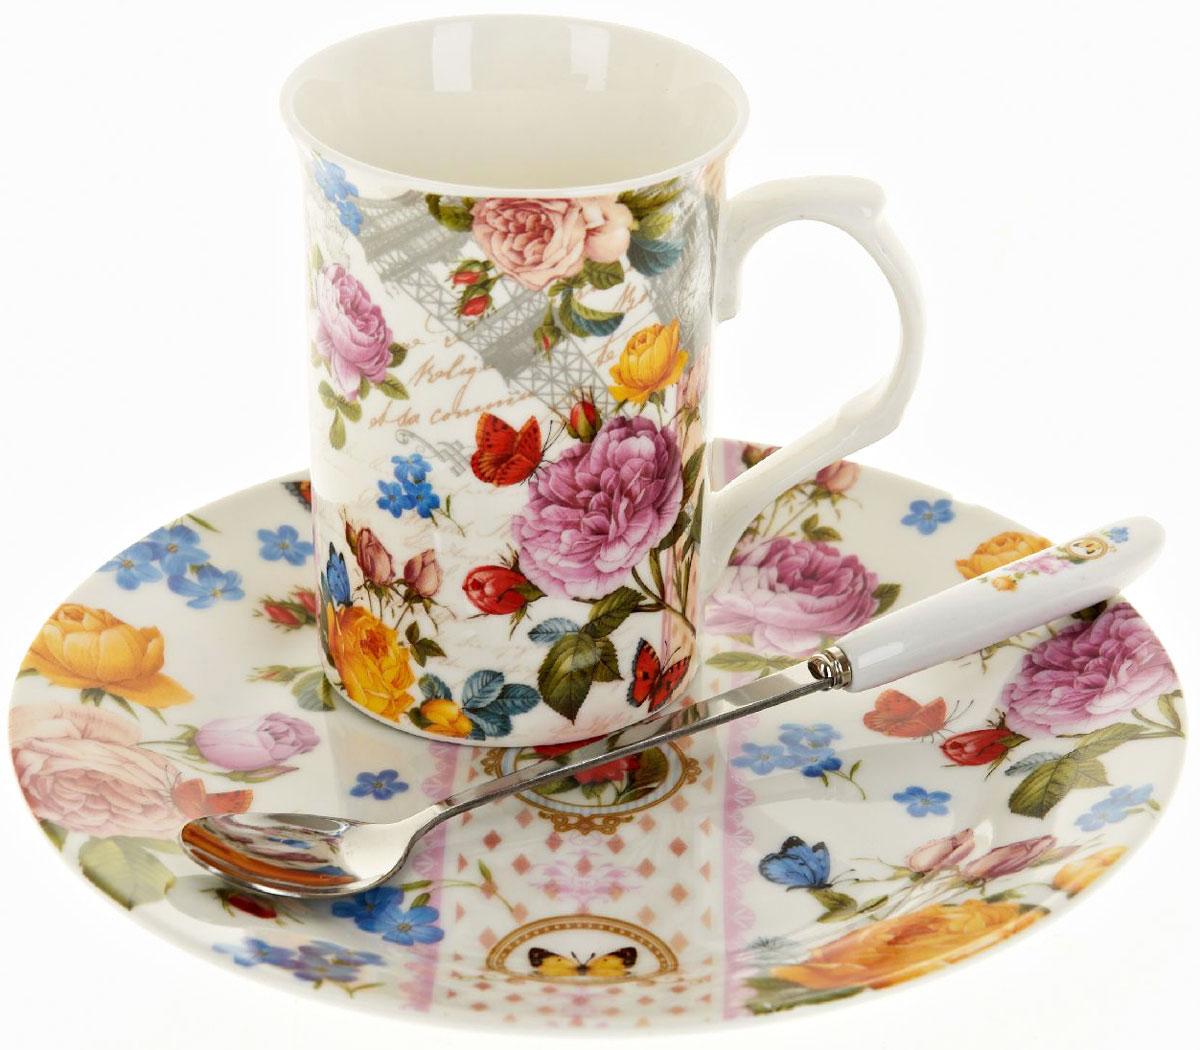 Чайная пара Nouvelle De France Лето в Европе, с ложкой, 3 предметаM0661286Оригинальная фарфоровая кружка Nouvelle с ложкой и десертная тарелка, выполнены из высококачественной керамики, сочетают в себе изысканный дизайн с максимальной функциональностью.Красочность оформления кружки придется по вкусу и ценителям классики, и тем, кто предпочитает утонченность и изысканность.В комплект входит кружка, ложка и десертная тарелка. Можно использовать в ПММ.